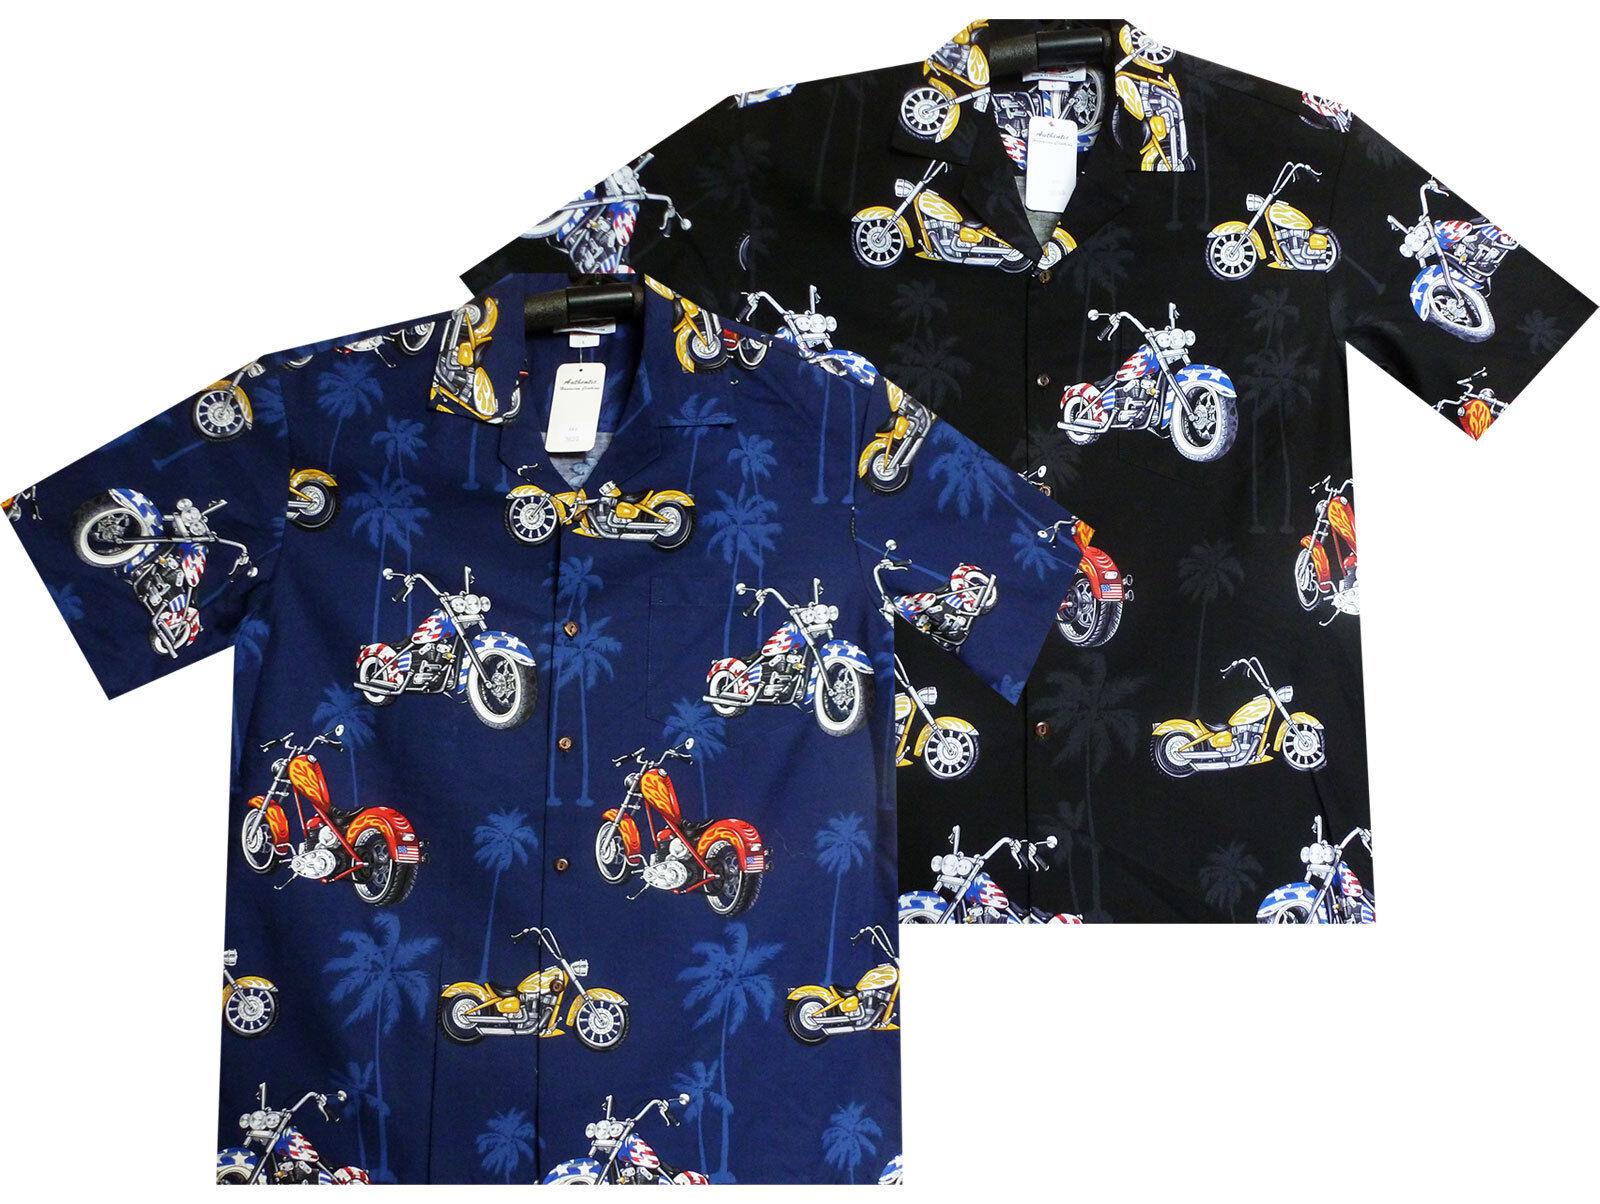 PLA ORIGINALE Camicia Hawaii, bikes all-over, Multi, s-4xl - disponibilità limitata -